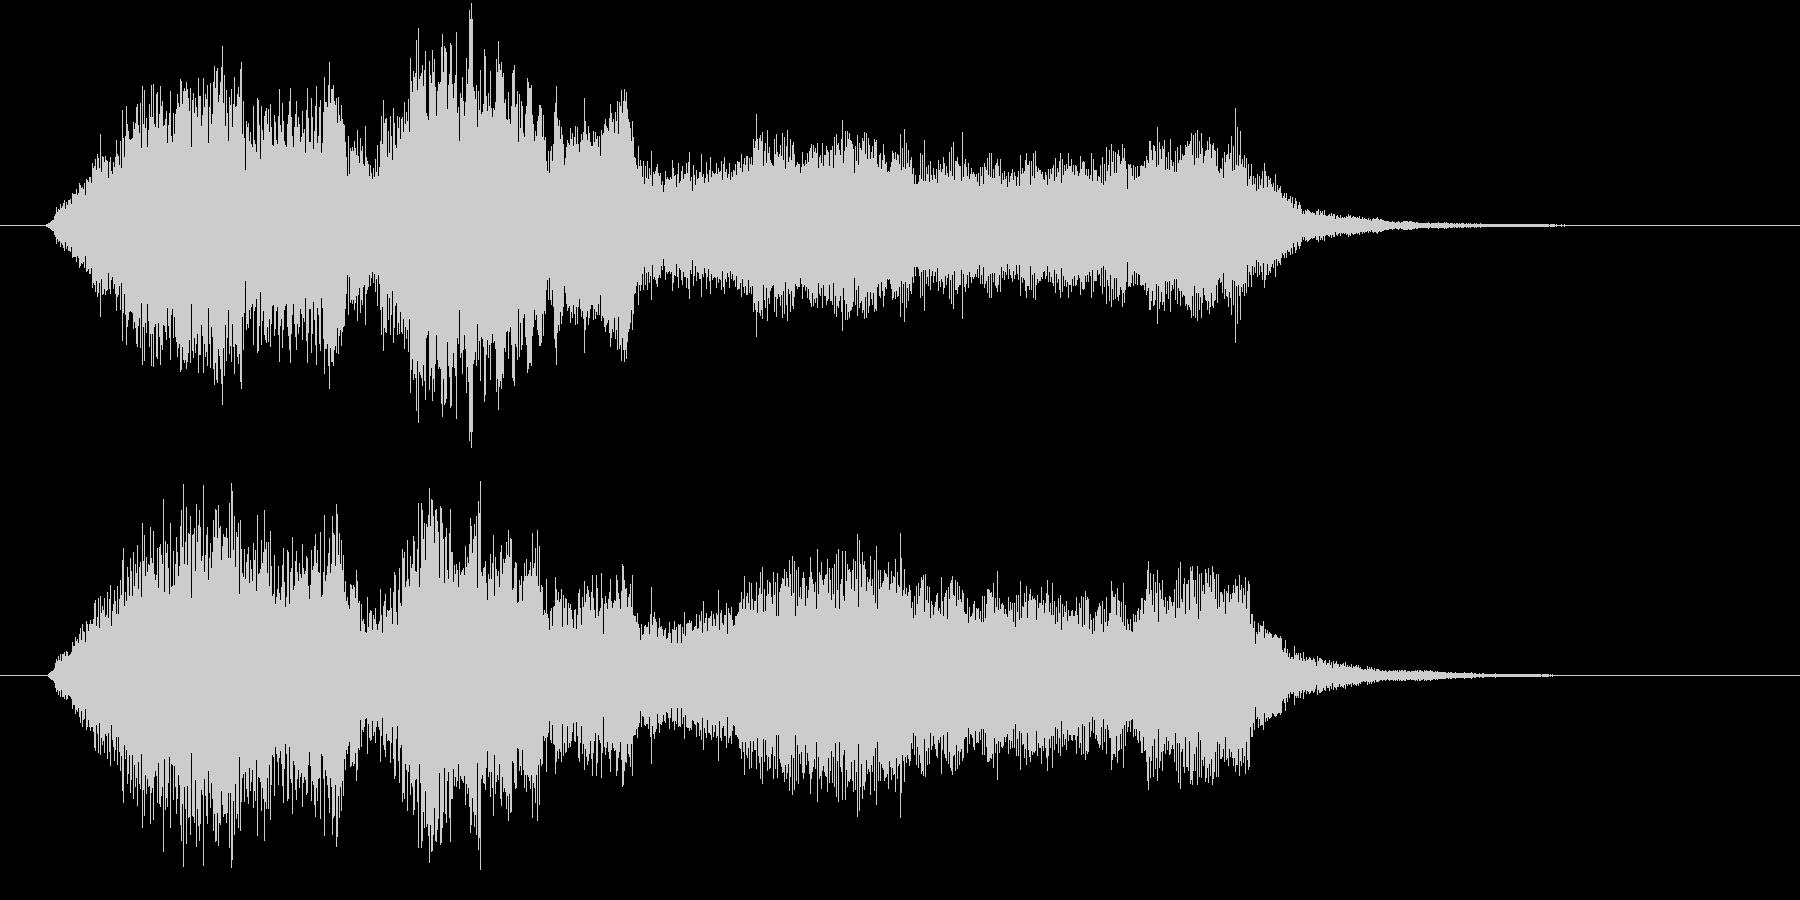 弦楽四重奏によるやわらかい印象のロゴの未再生の波形